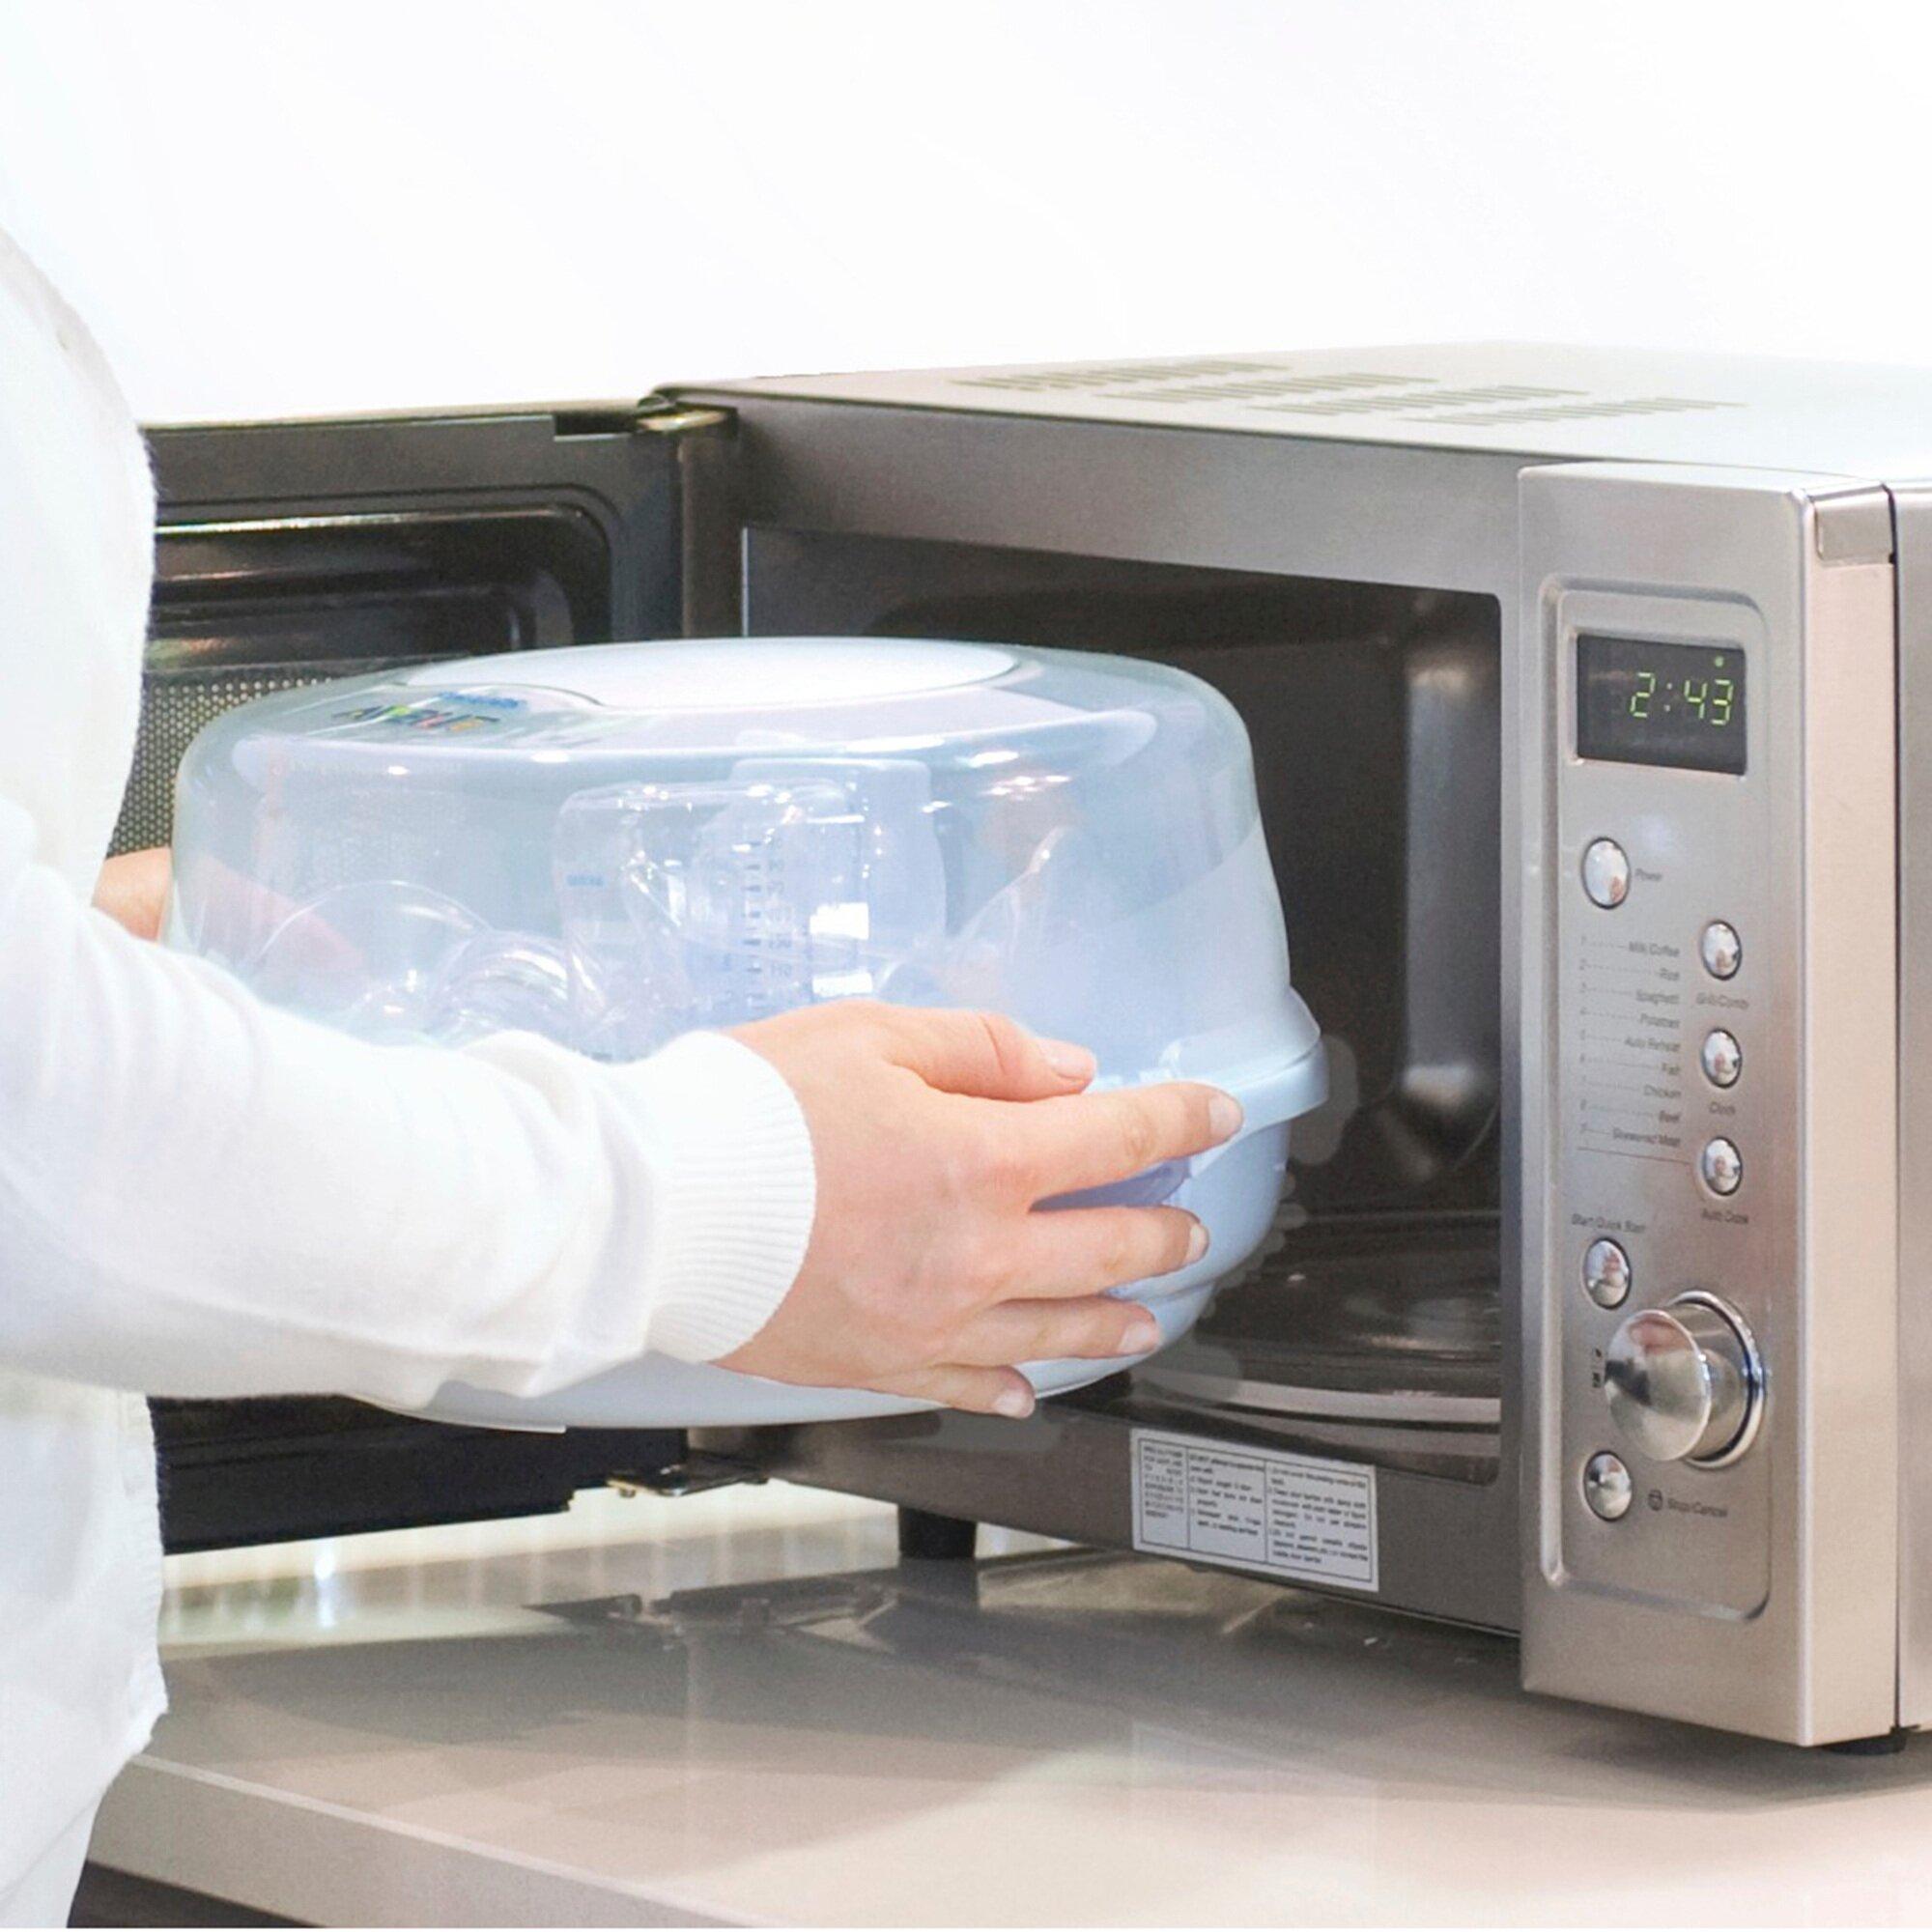 philips-avent-sterilisator-scf282-02-5-teilig-geschenk-set